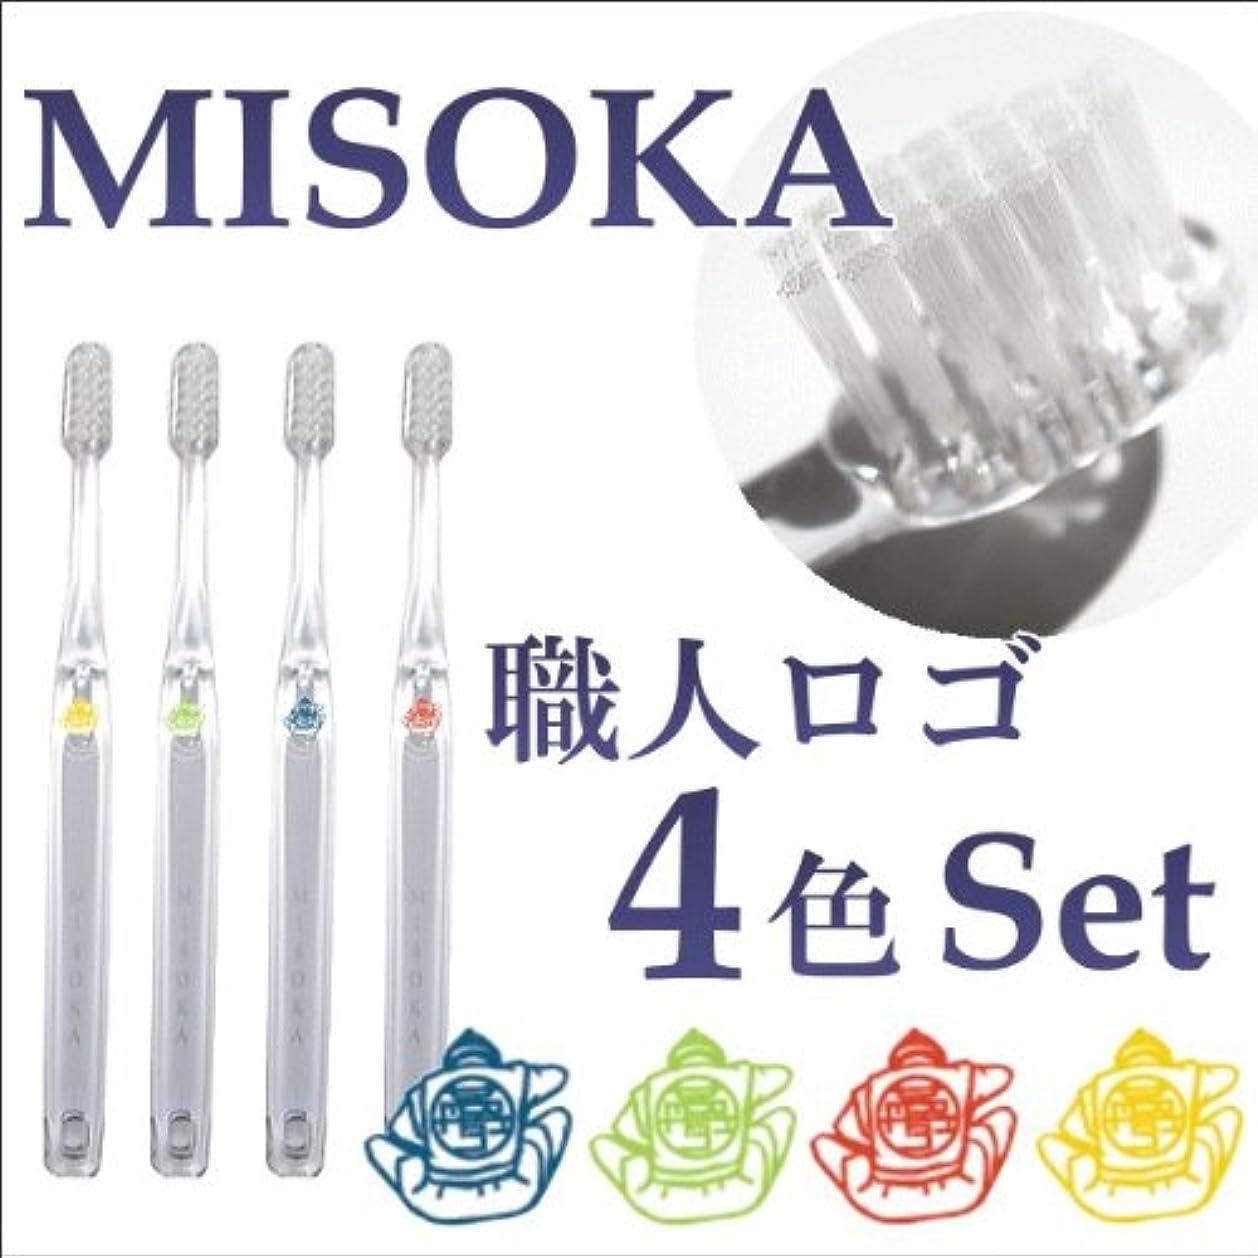 ボリューム質素な膜「MISOKA」職人技の歯ブラシ ミソカ 職人ロゴ4色セット×2セット